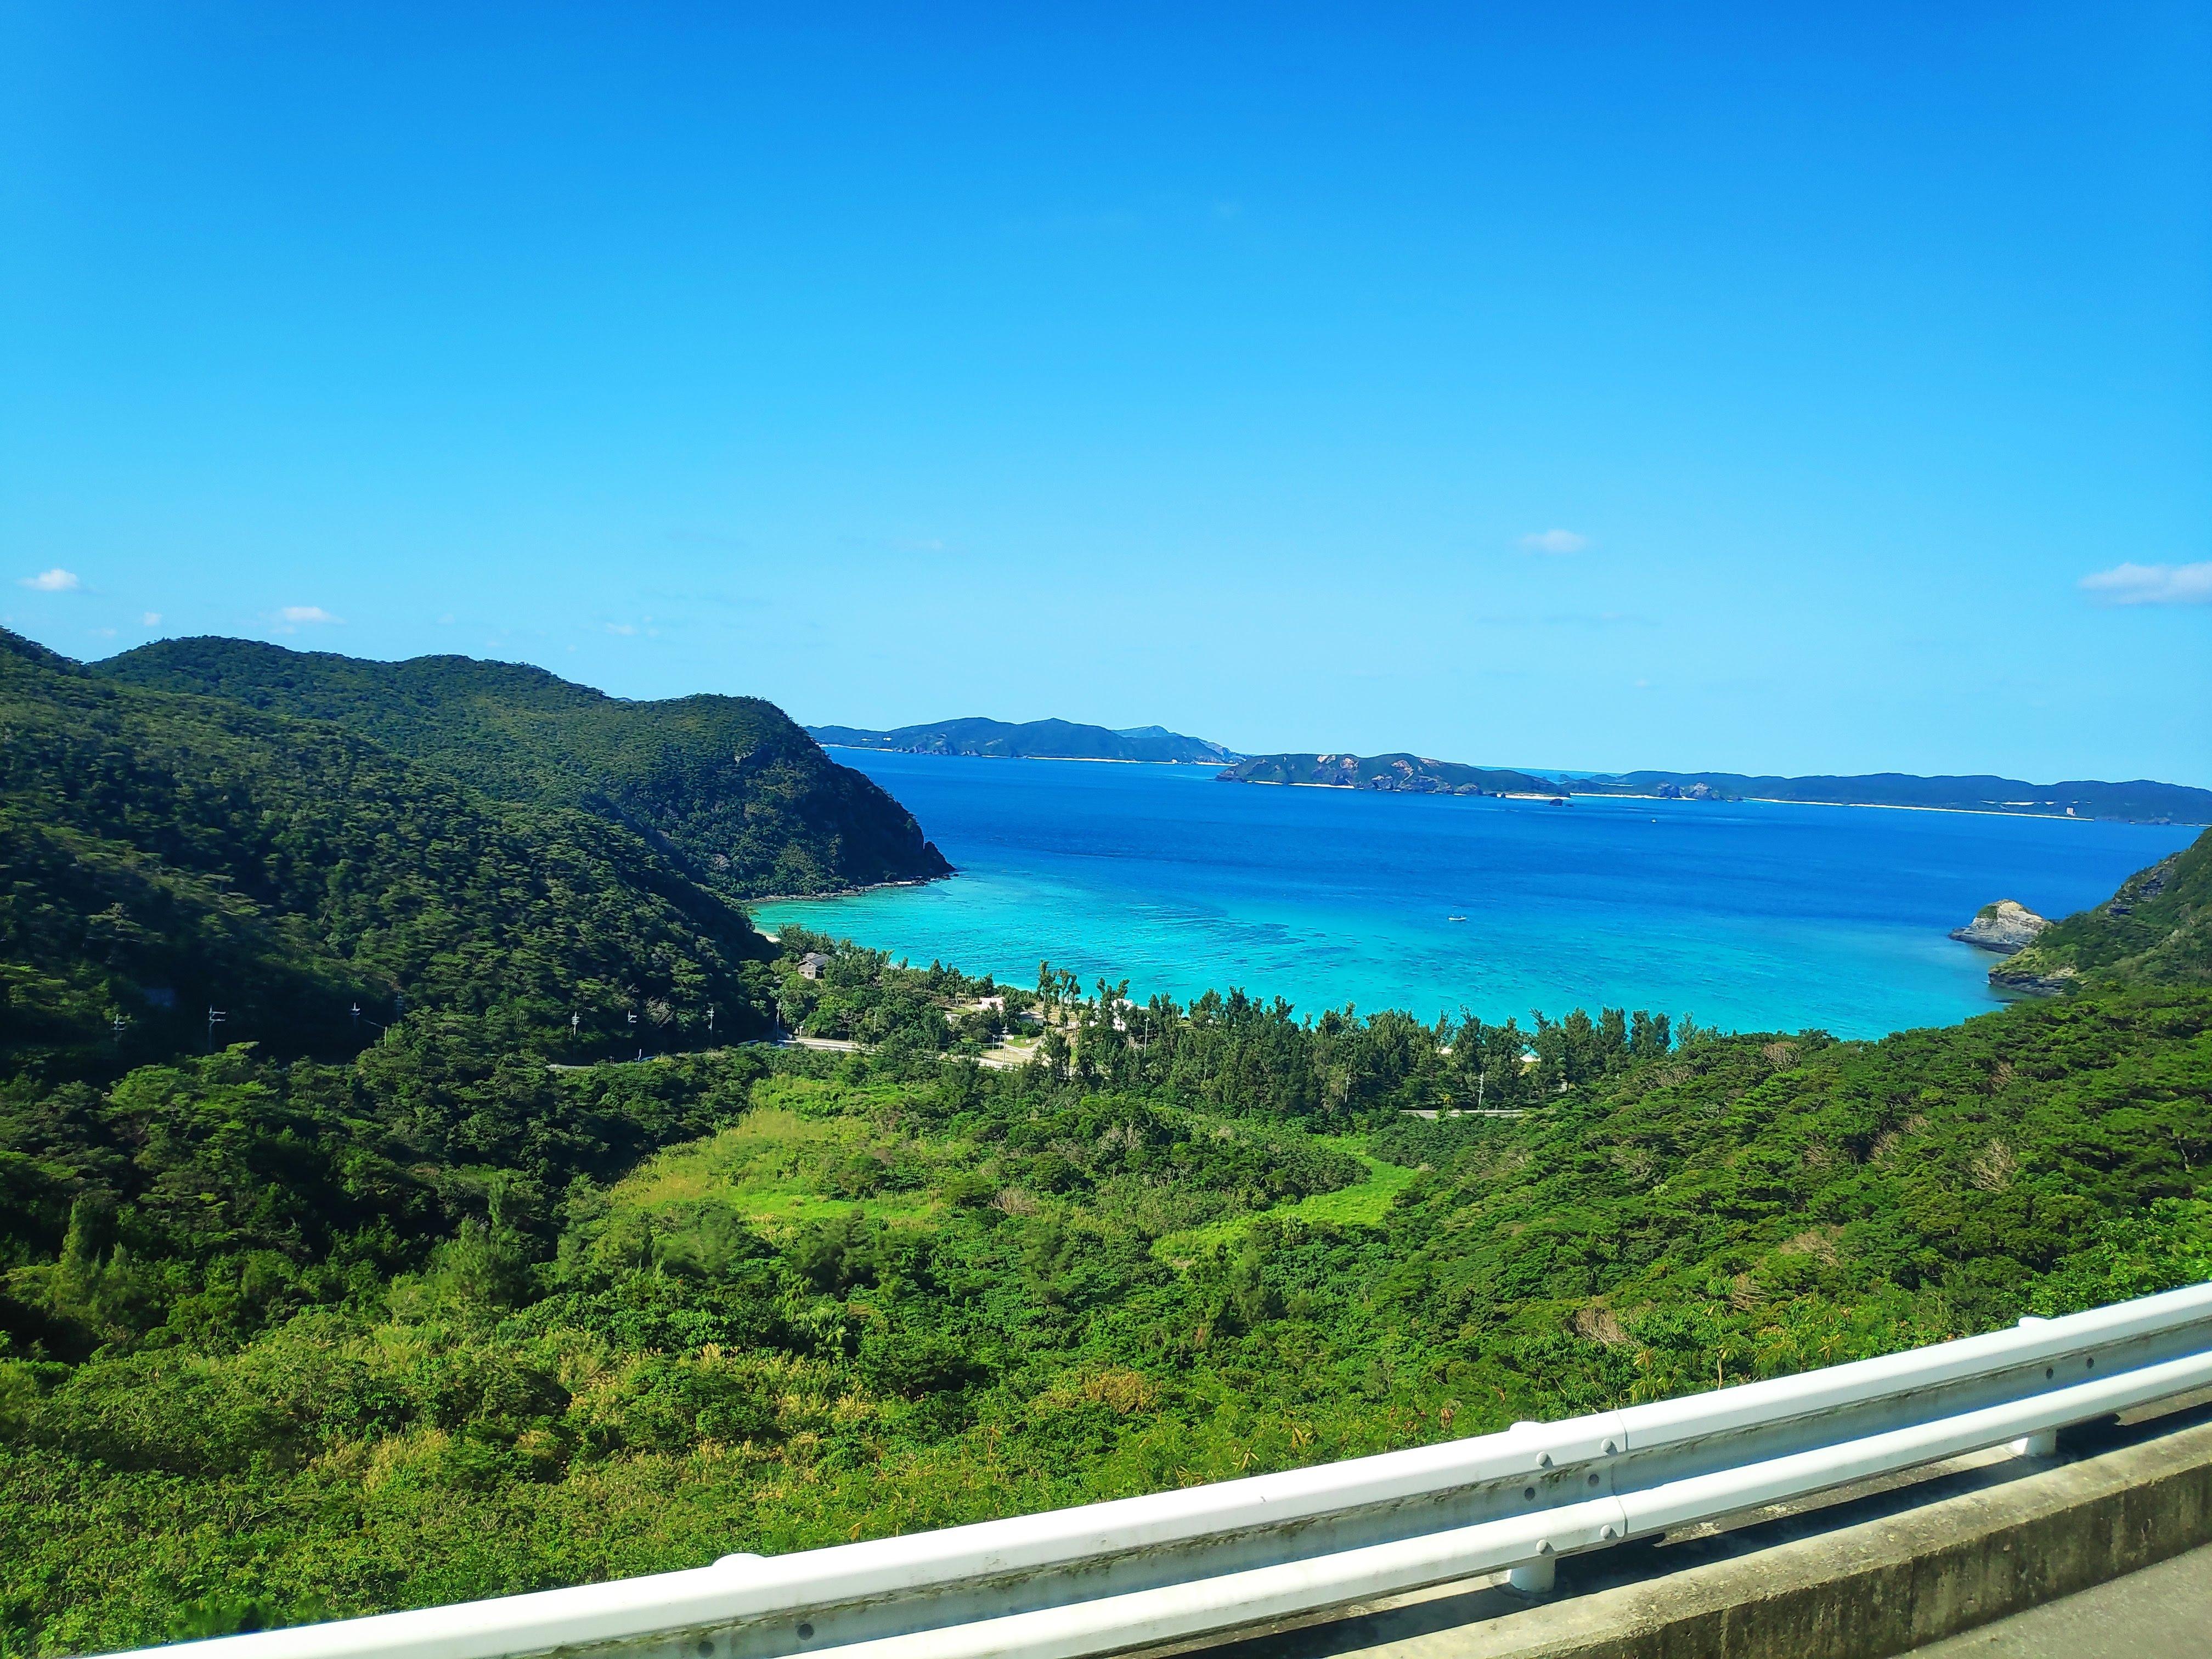 從公車上看渡嘉敷島的海灘/慶良間諸島_圖片來源:喬西